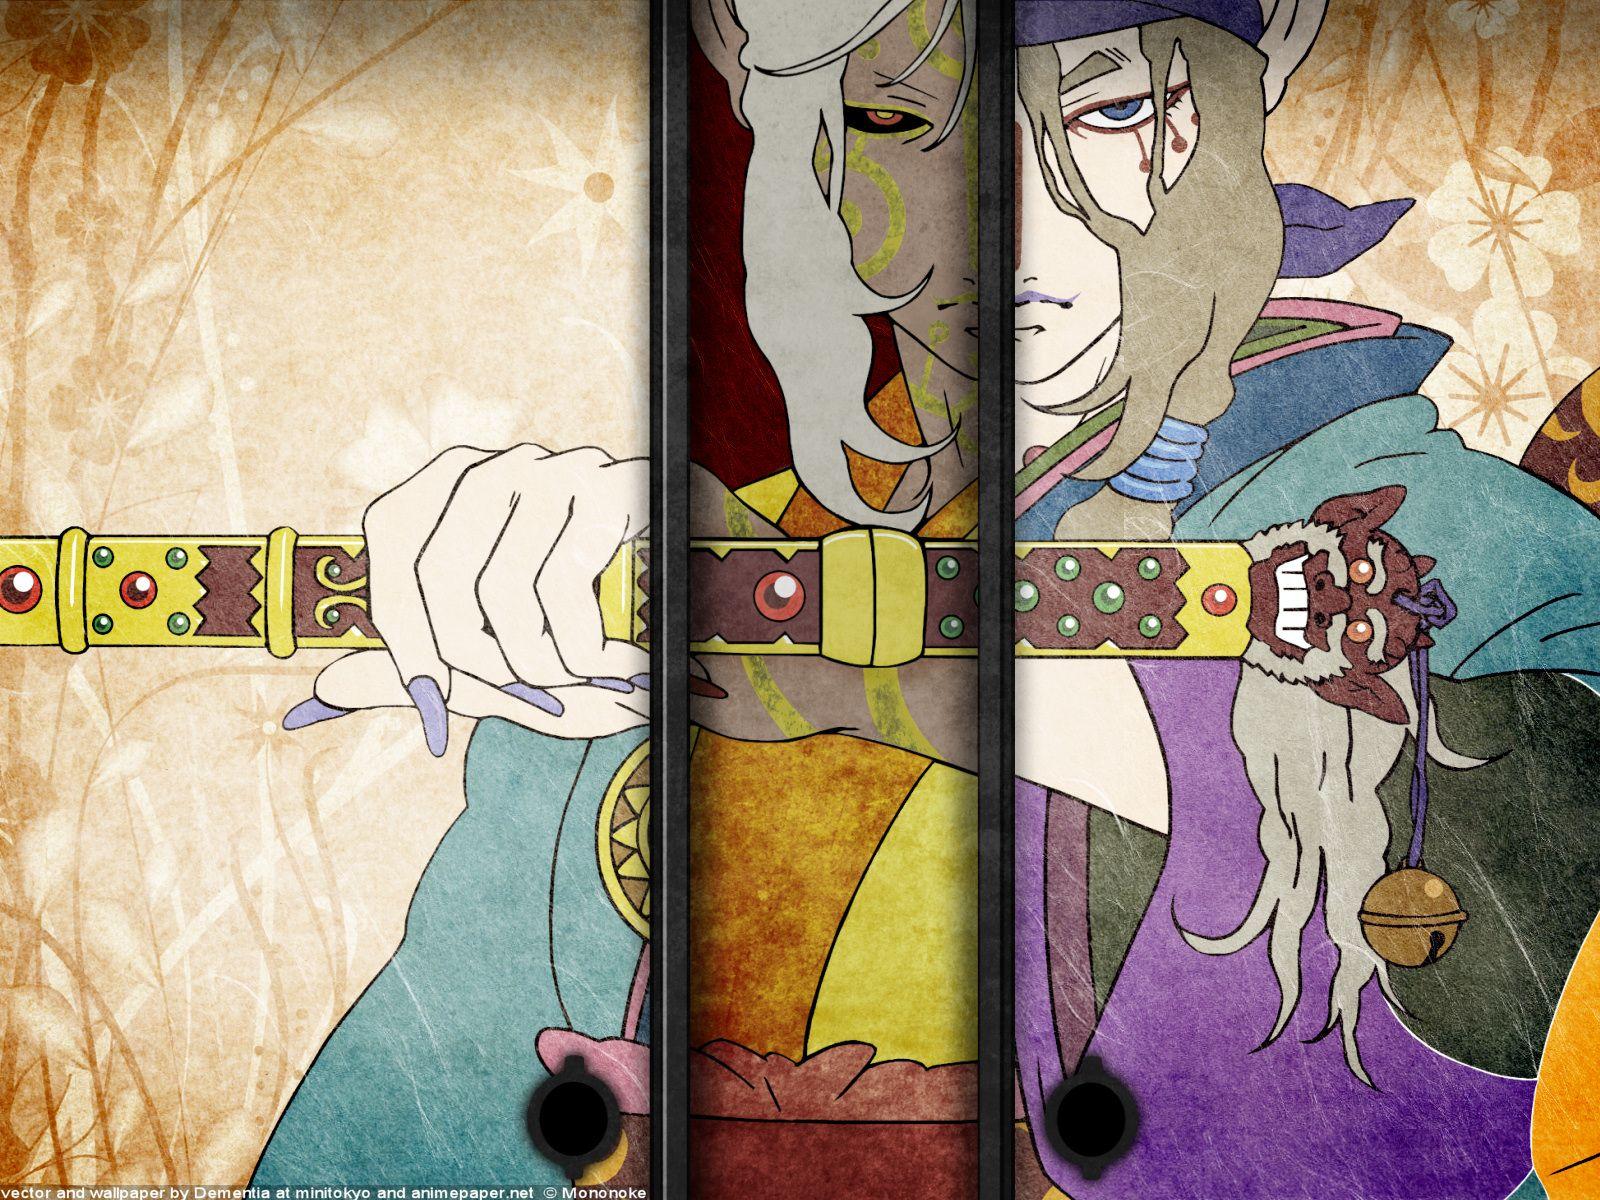 Medicine Seller From Mononoke Anime Images Anime Anime King